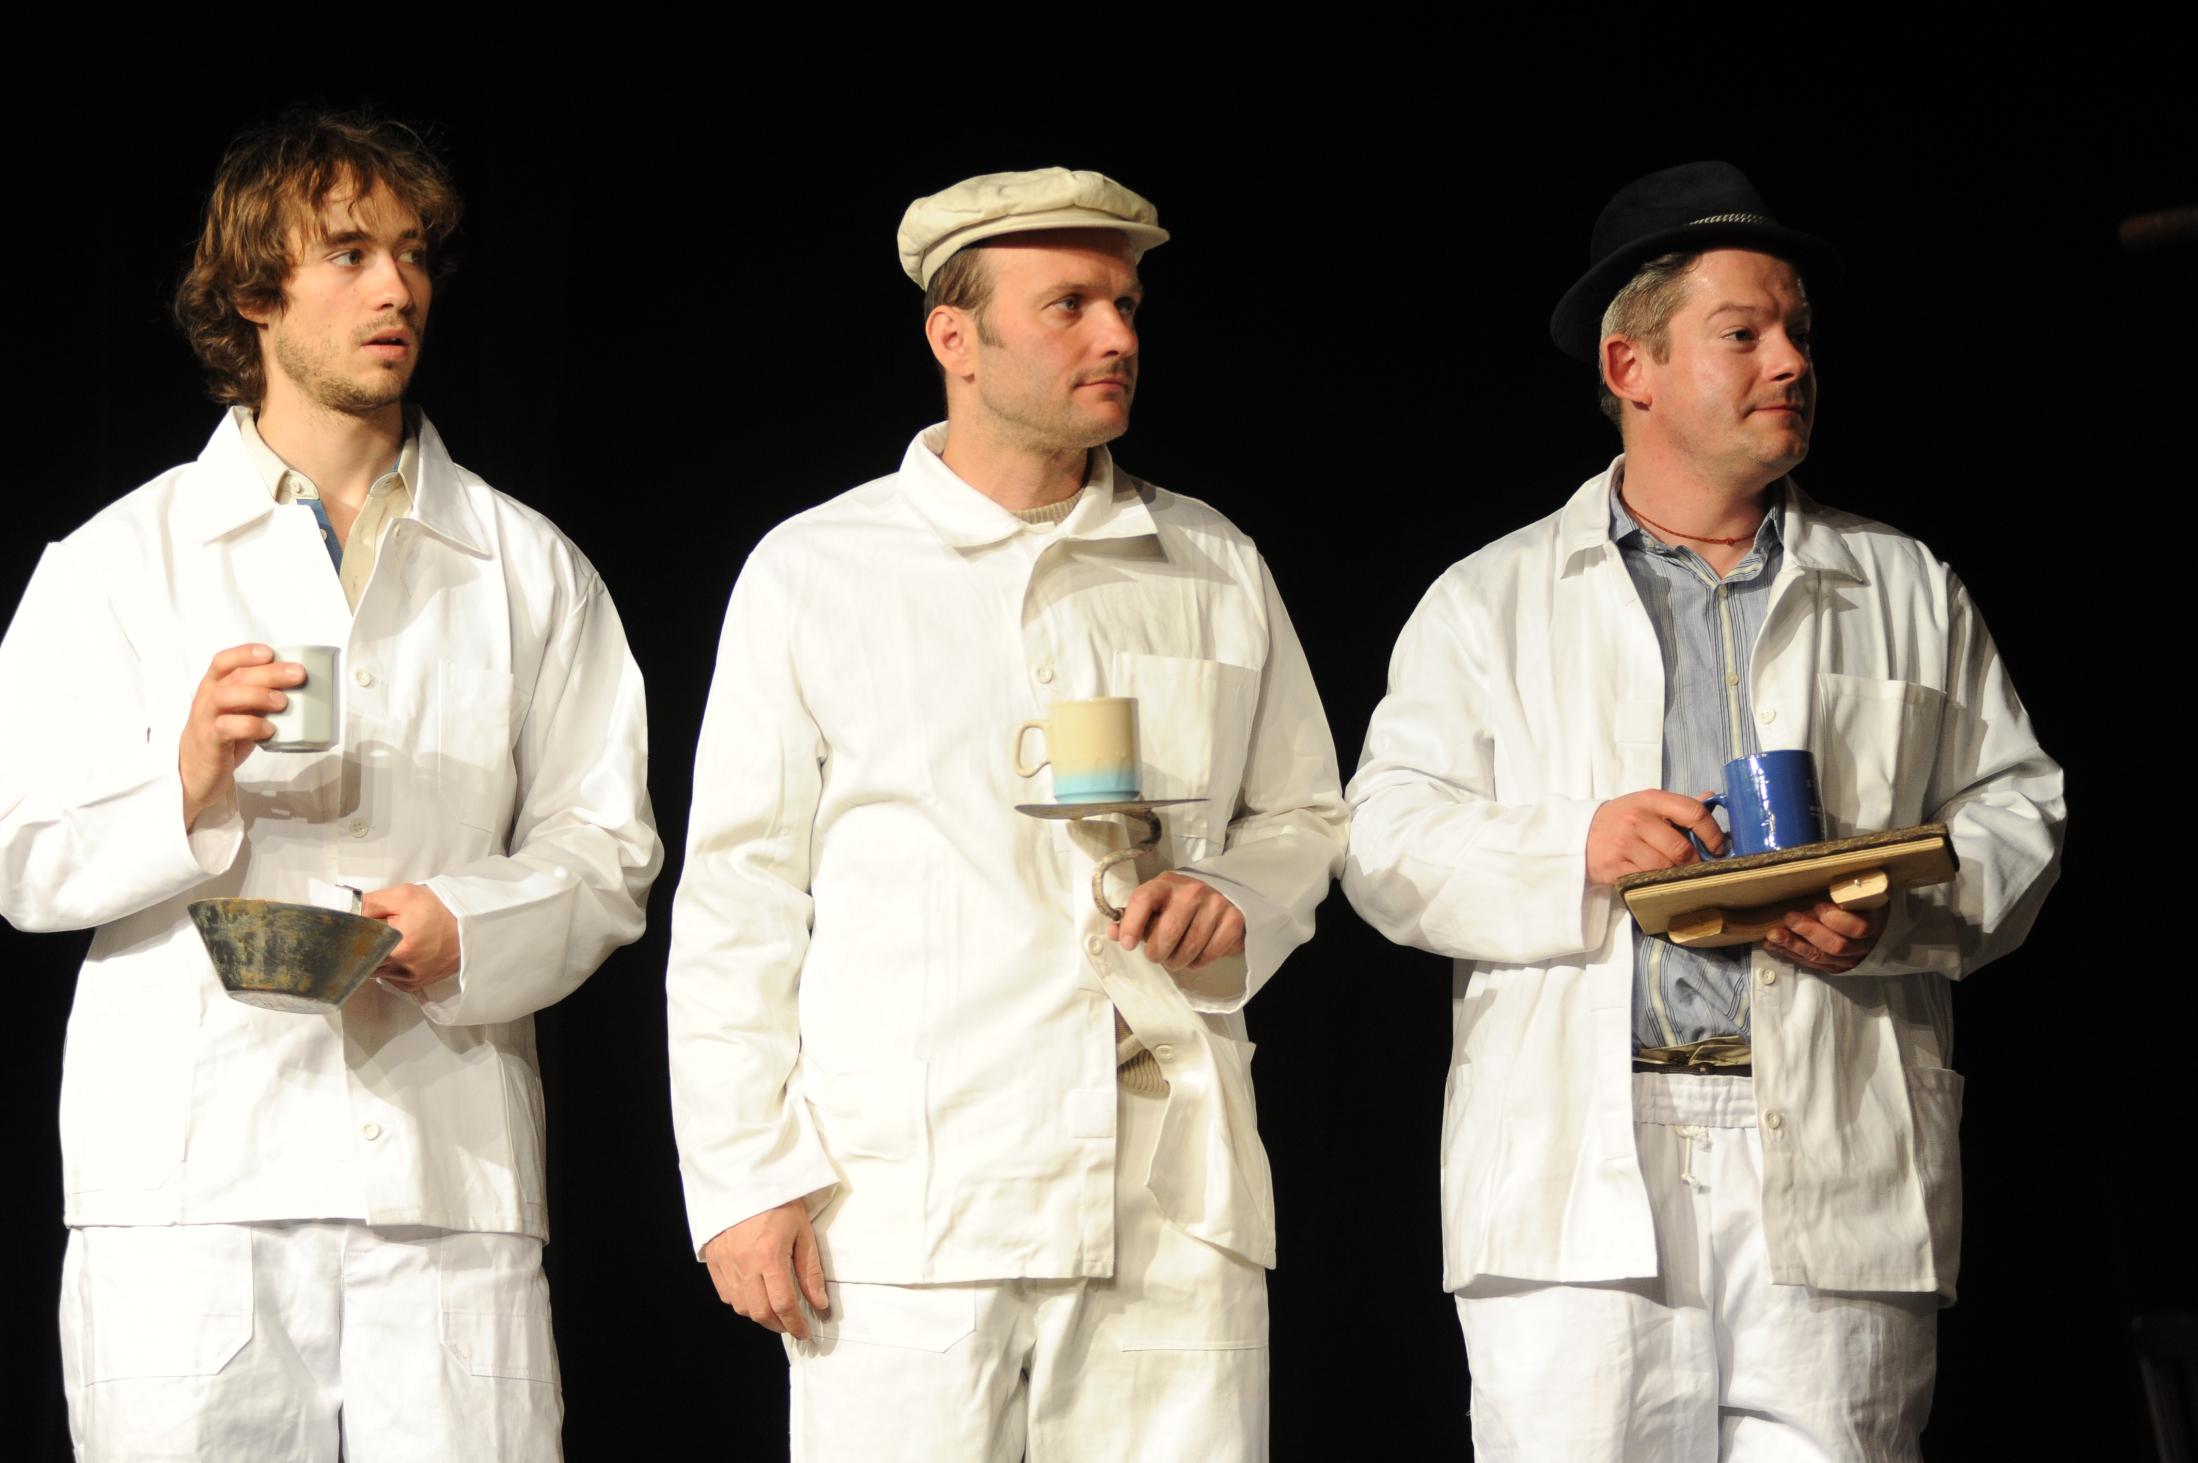 6ee94146f63 Divadlo na Šantovce v listopadu  těšit se můžete na Hrdého Budžese ...